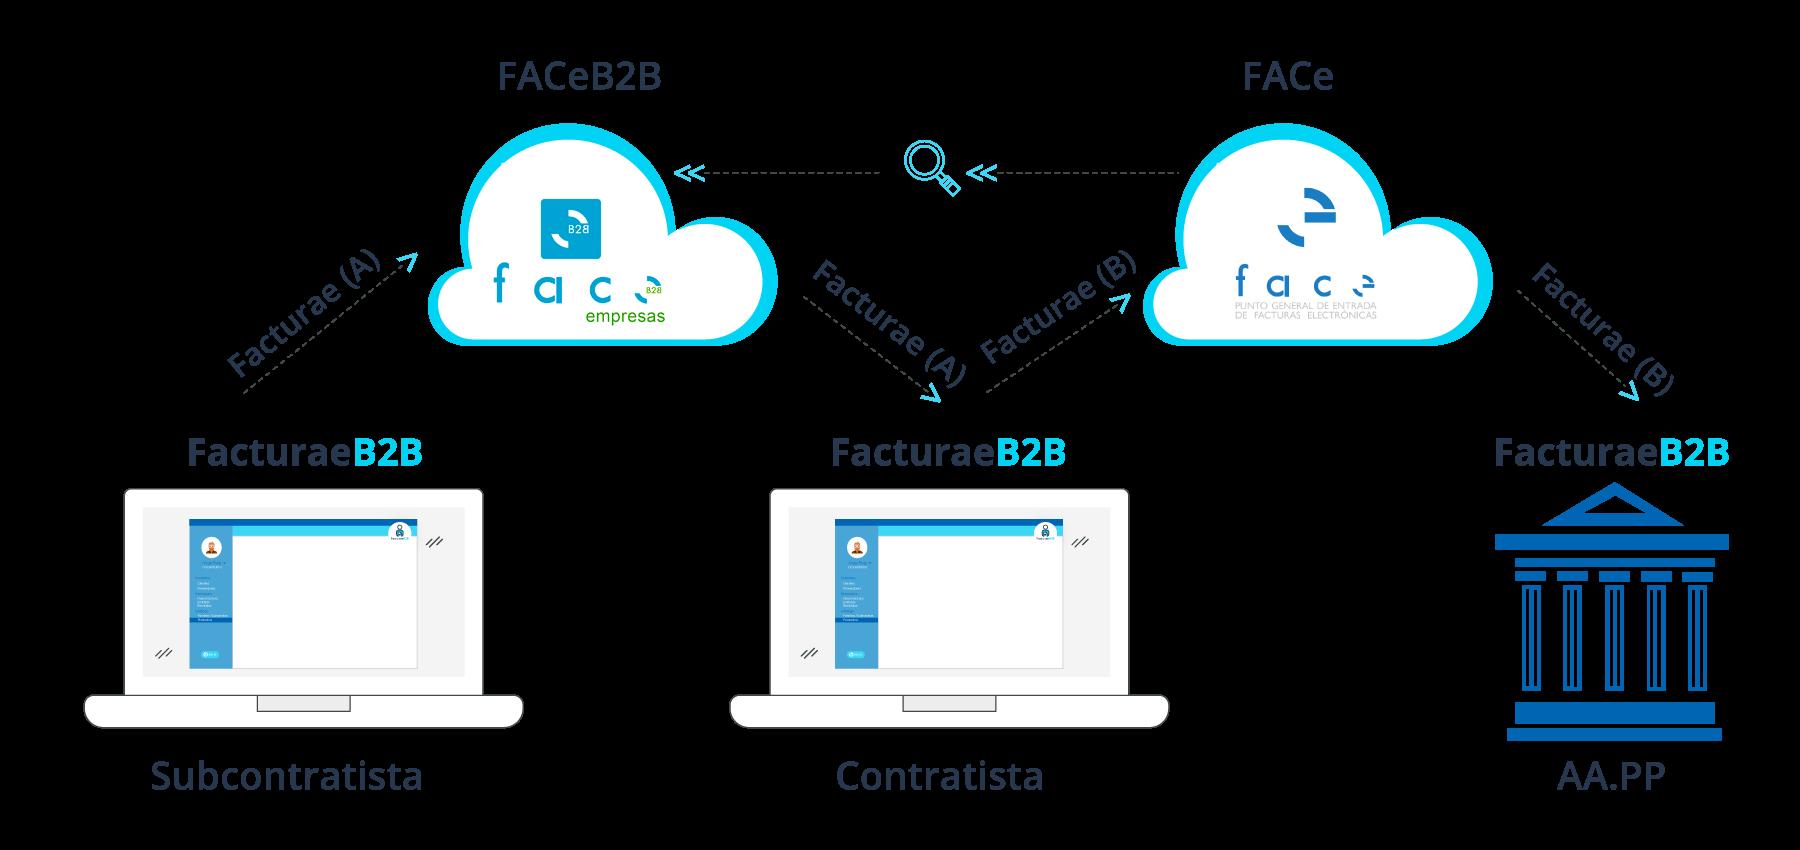 Cómo funciona FACeB2B